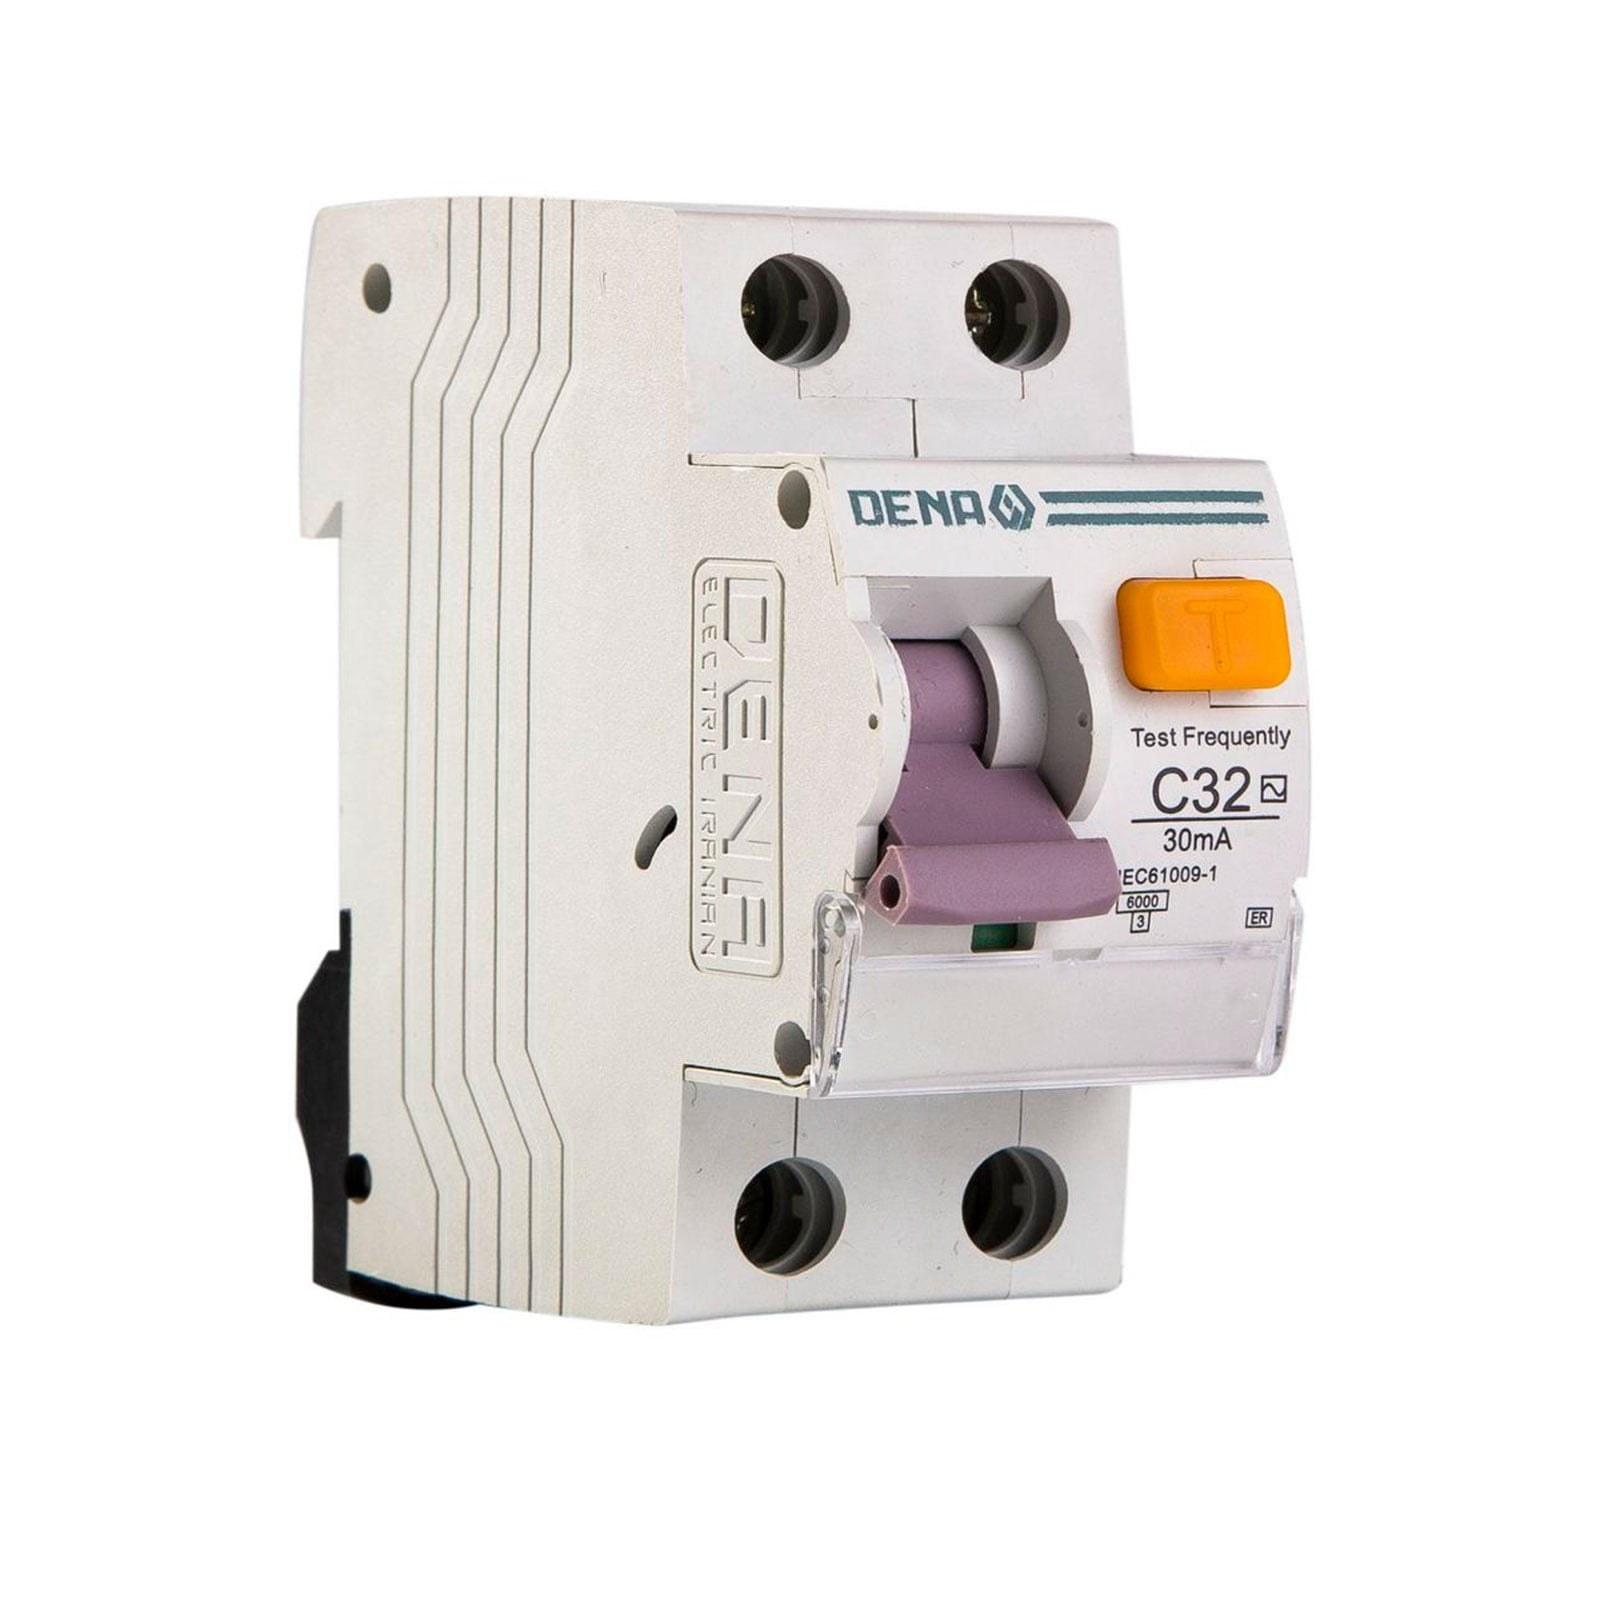 تصویر کلید محافظ جان ترکیبی 32 آمپر الکتریک دنا الکتریک مدل C32-6K ER